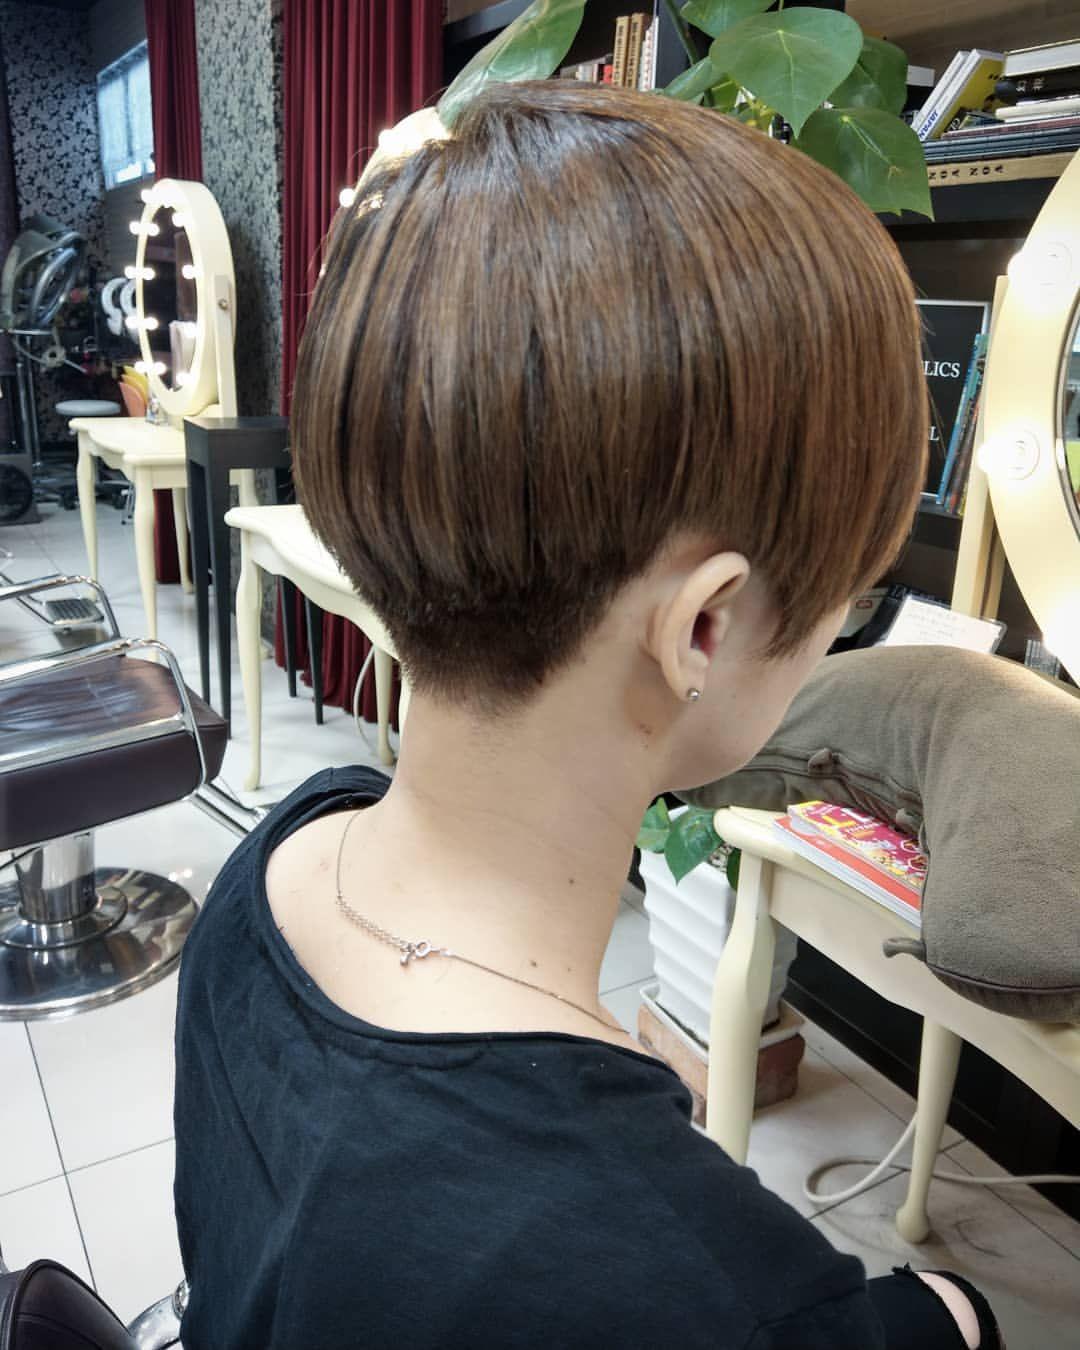 Ono Ayakaさんはinstagramを利用しています 刈り上げ女子